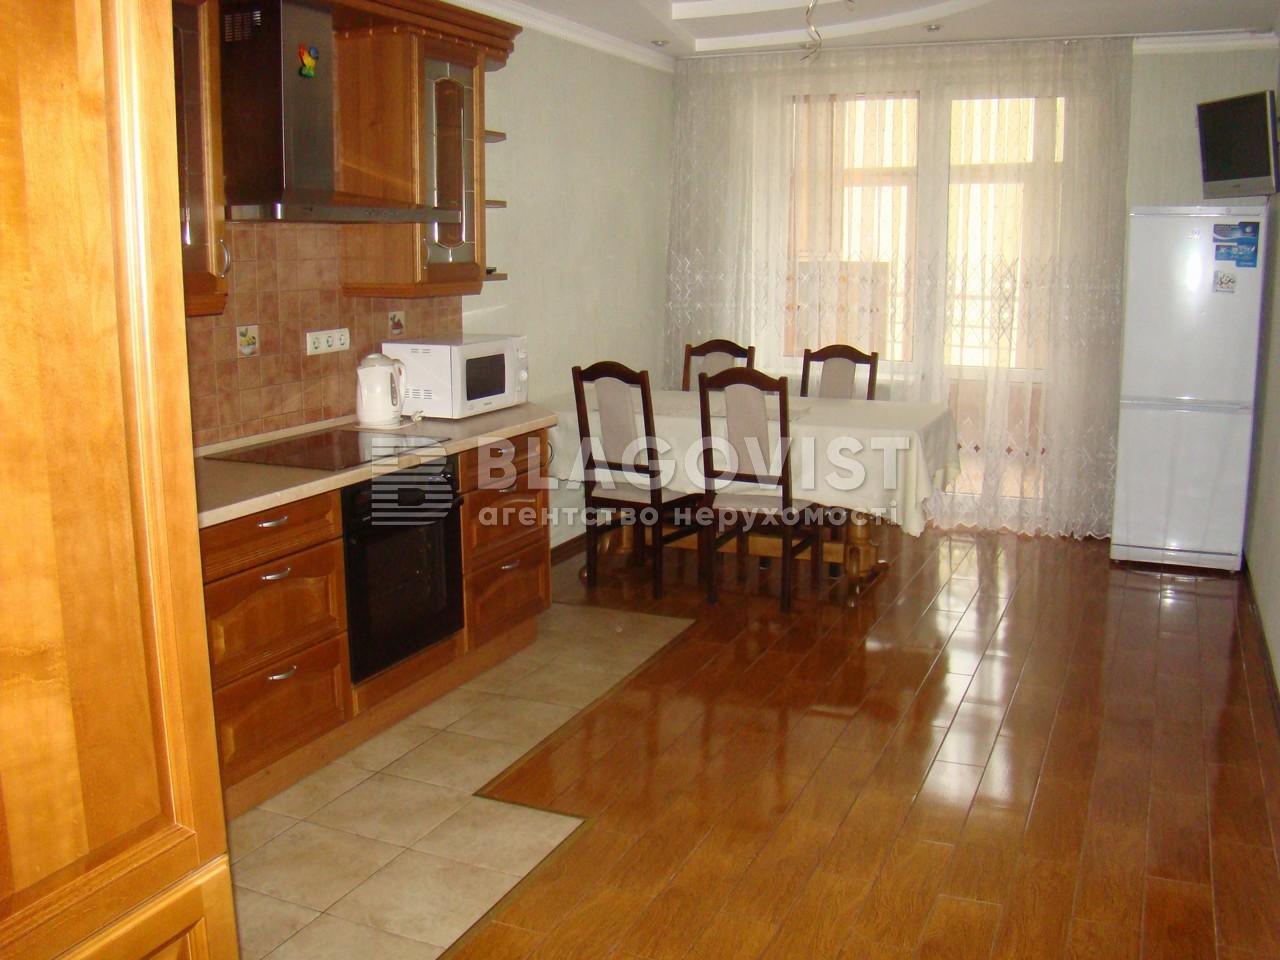 Квартира R-13781, Ирпенская, 69а, Киев - Фото 11